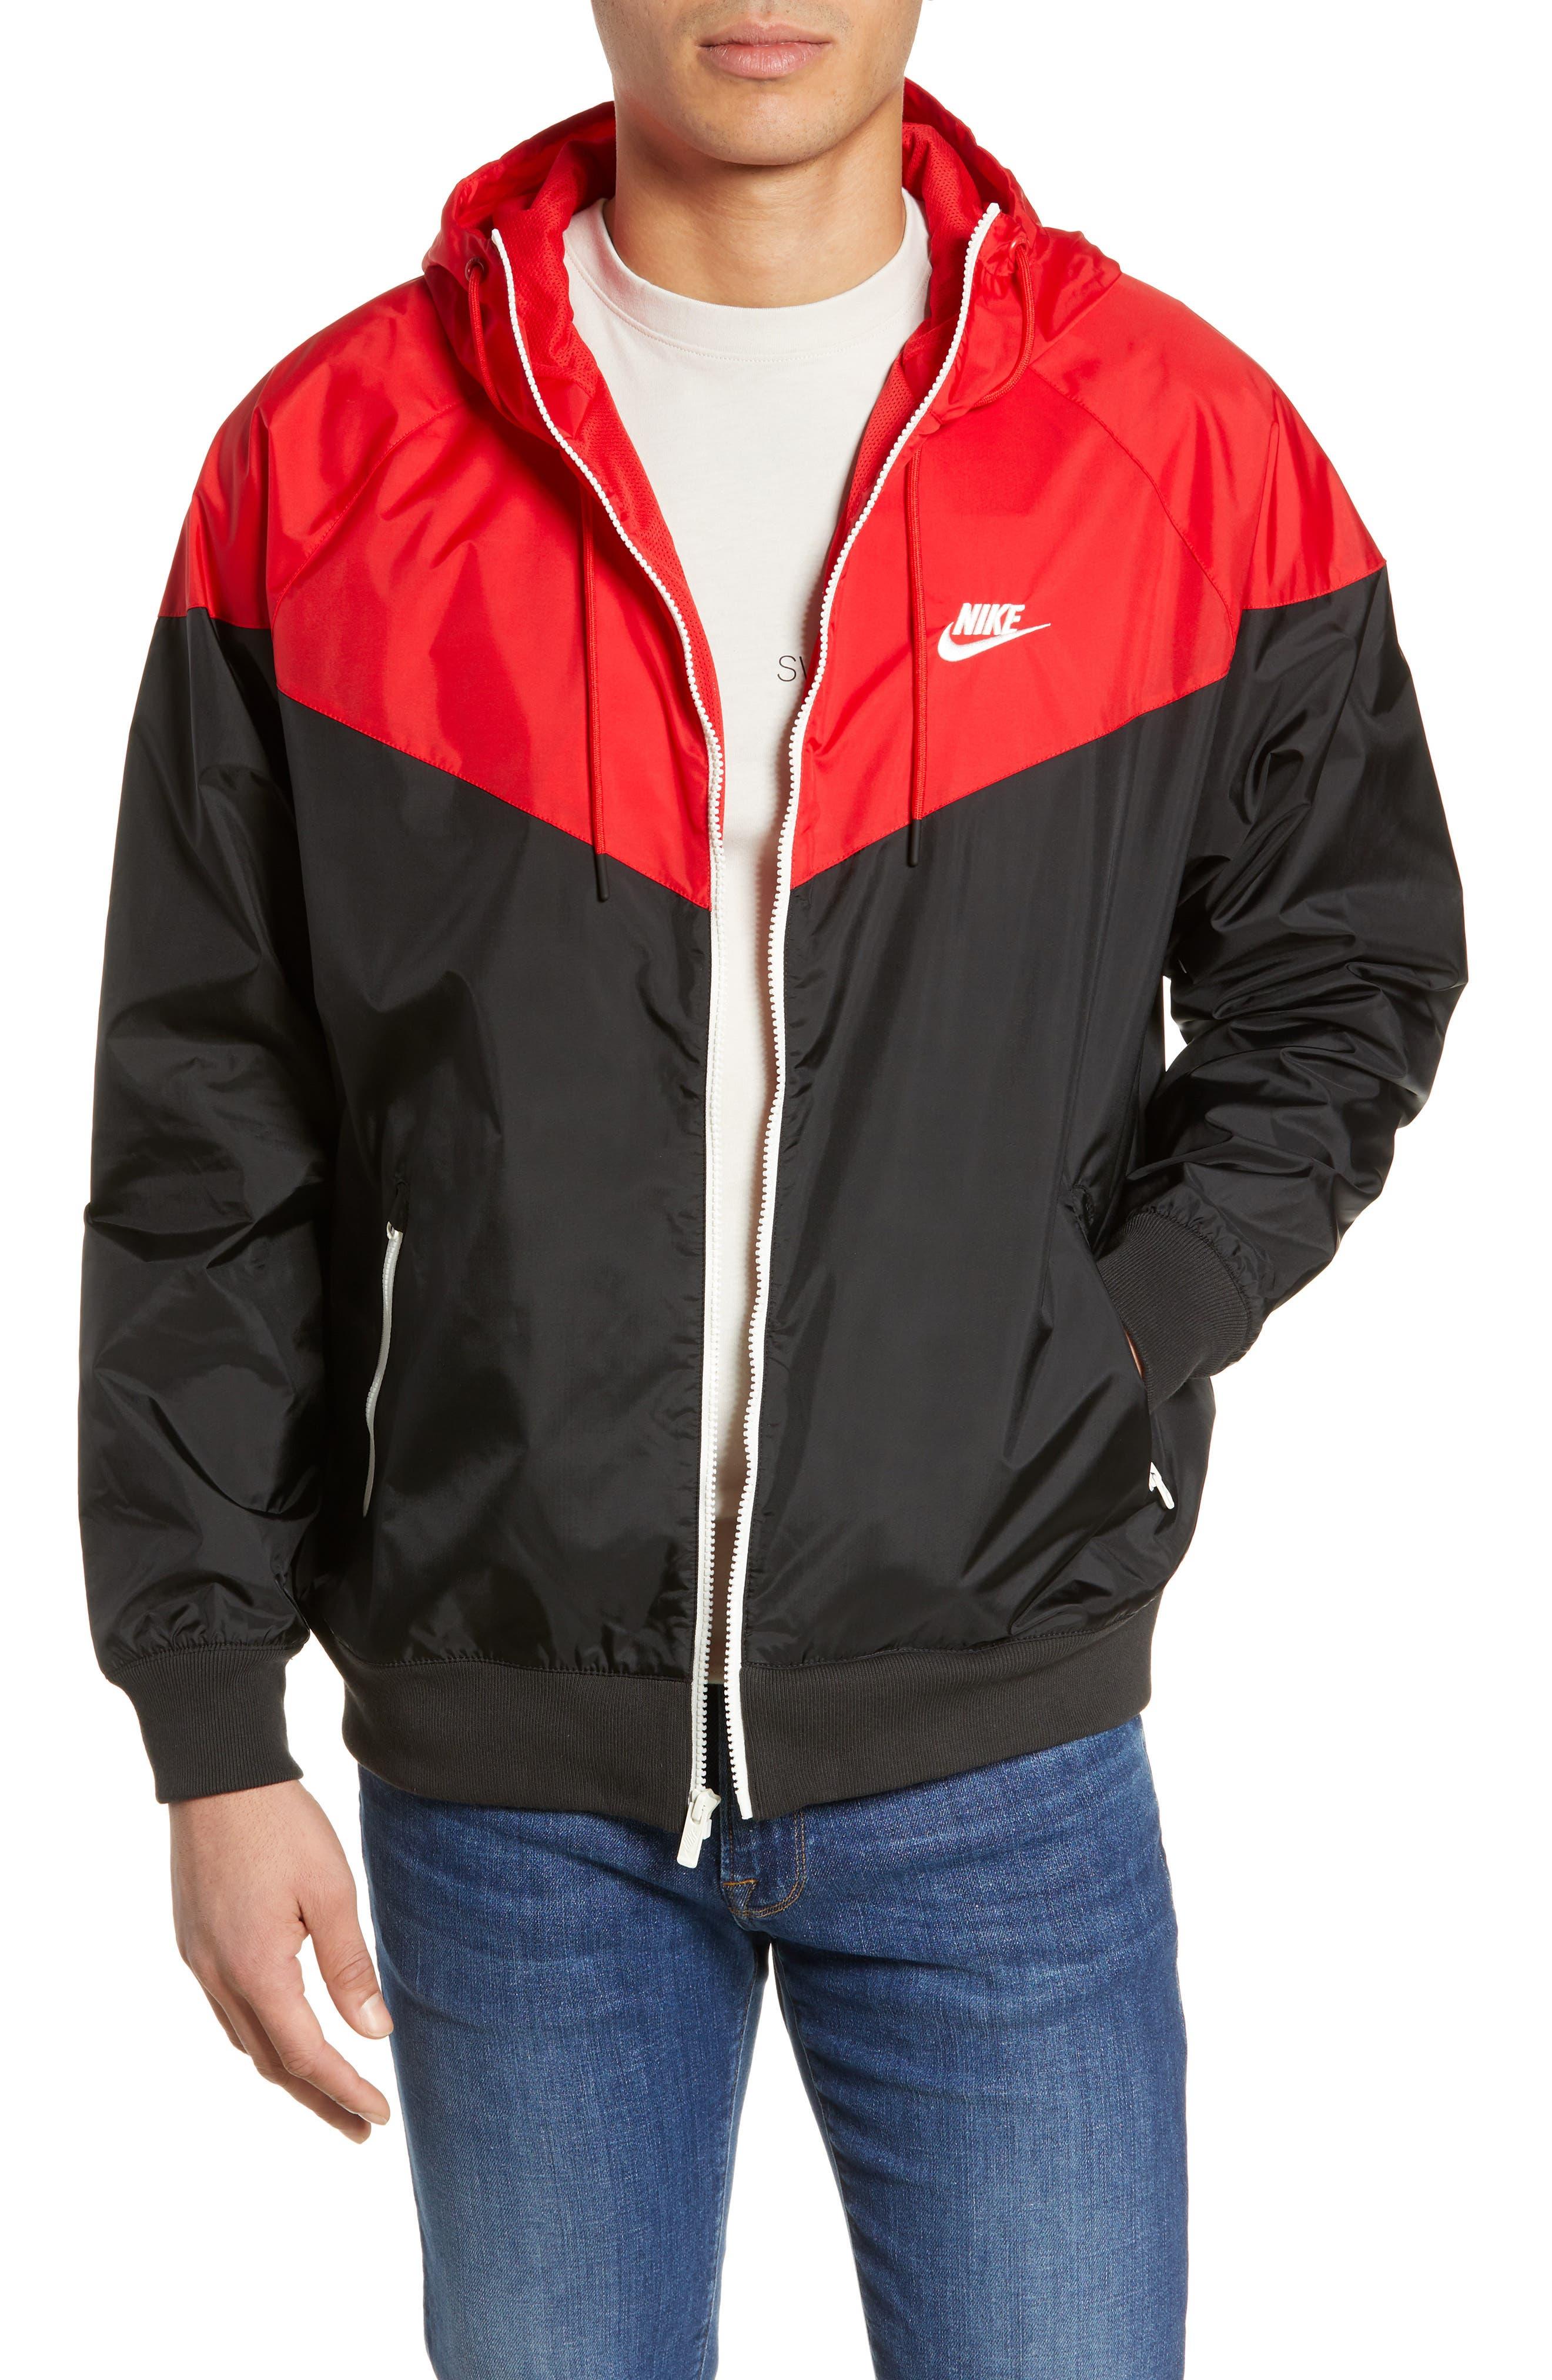 NIKE Sportswear Windrunner Jacket, Main, color, 011